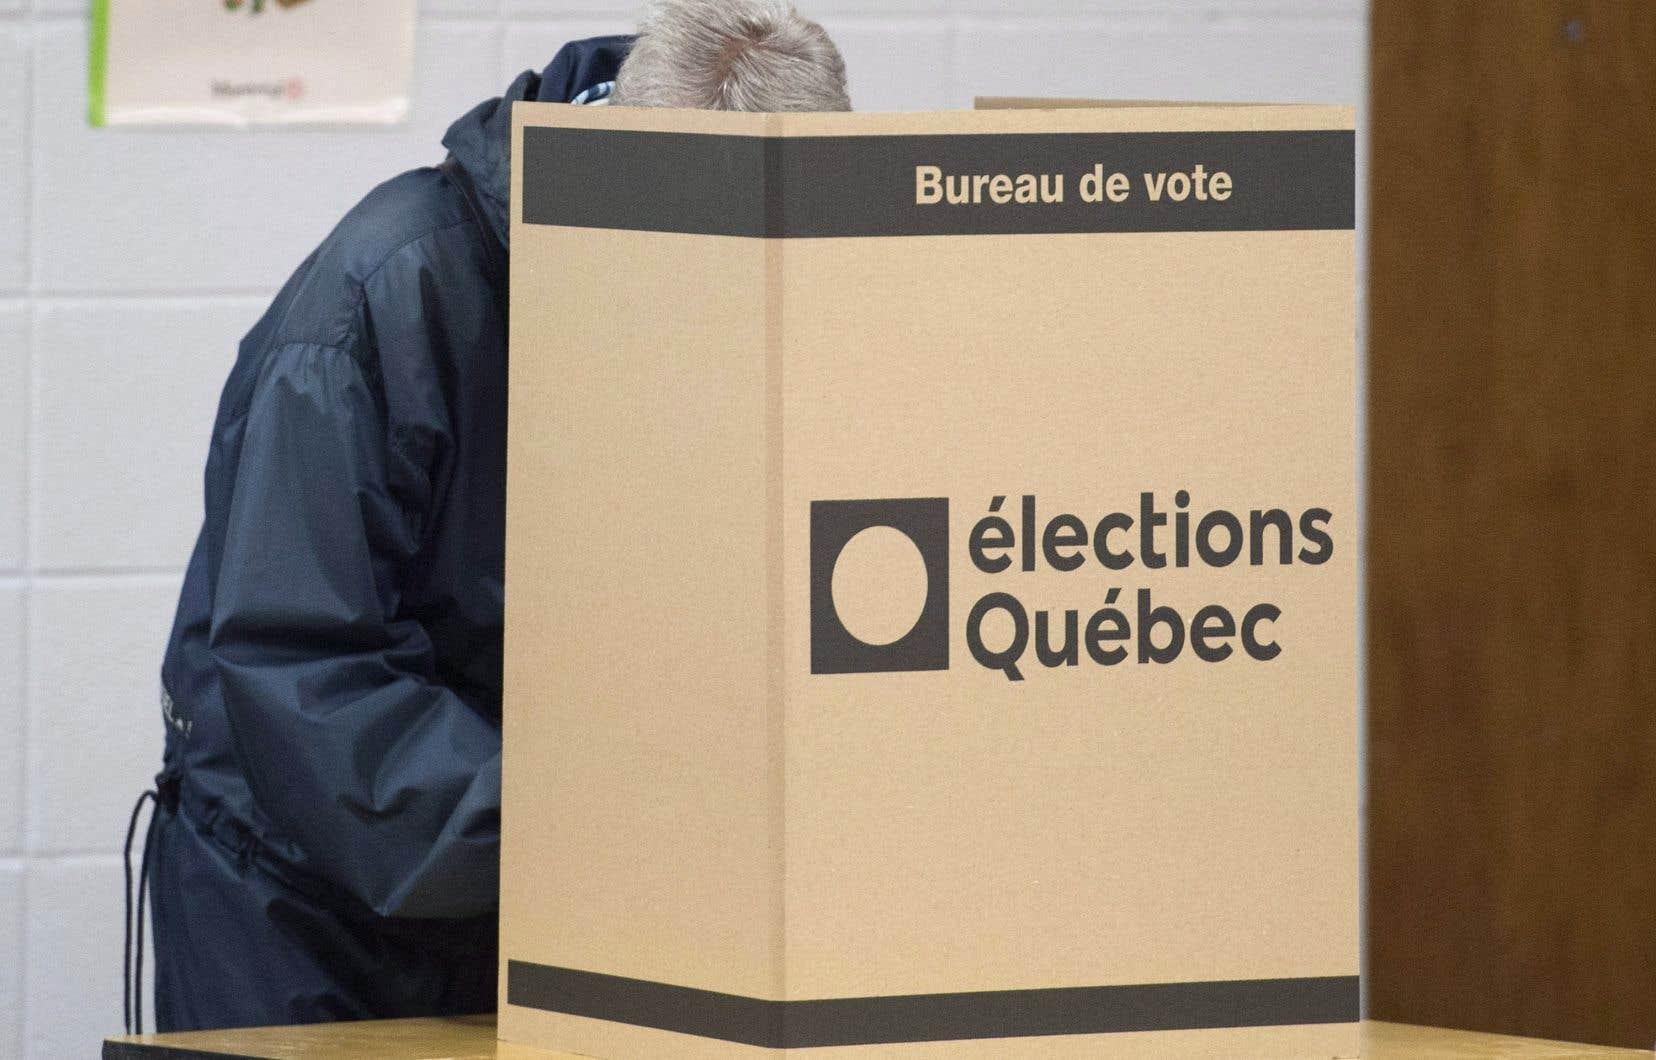 La CAQ, le Parti québécois, Québec solidaire et le Parti vert ont signé un document en mai dernier dans lequel ils s'engagent à établir un mode de scrutin proportionnel mixte compensatoire.